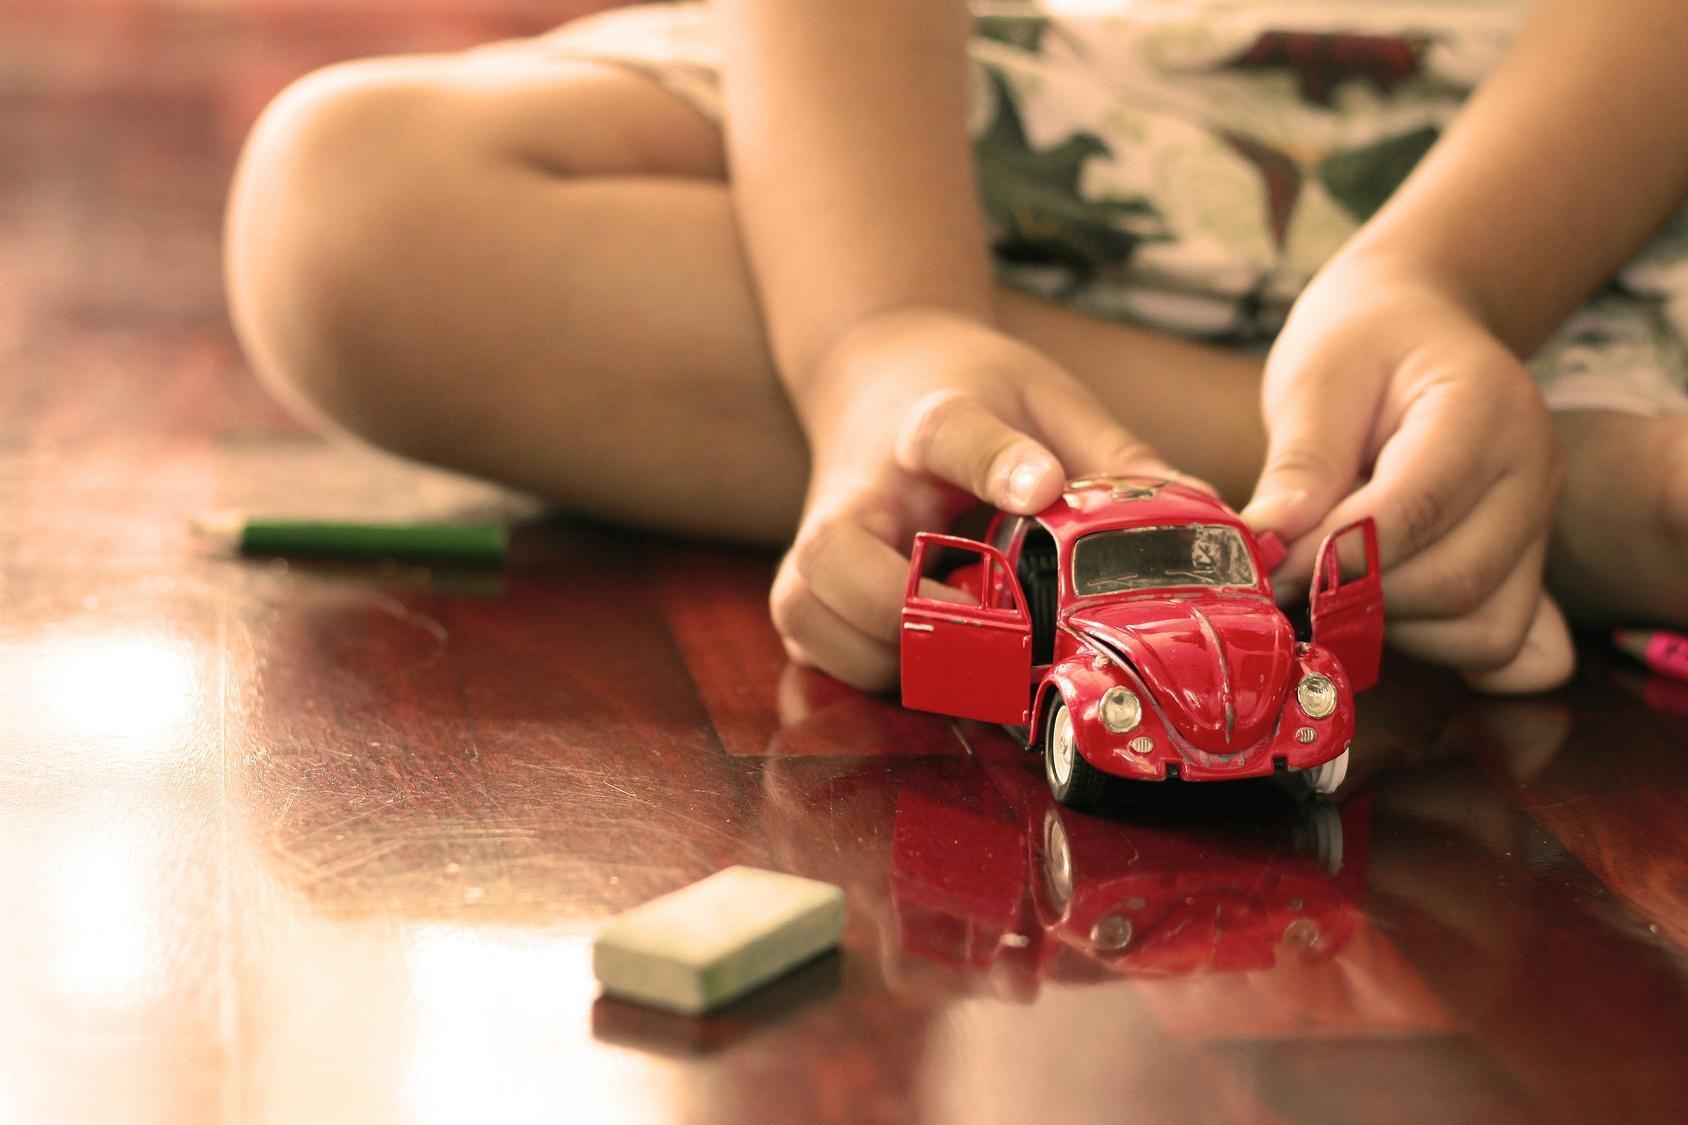 dziecko bawiące się swoim ulubionym samochodzikiem